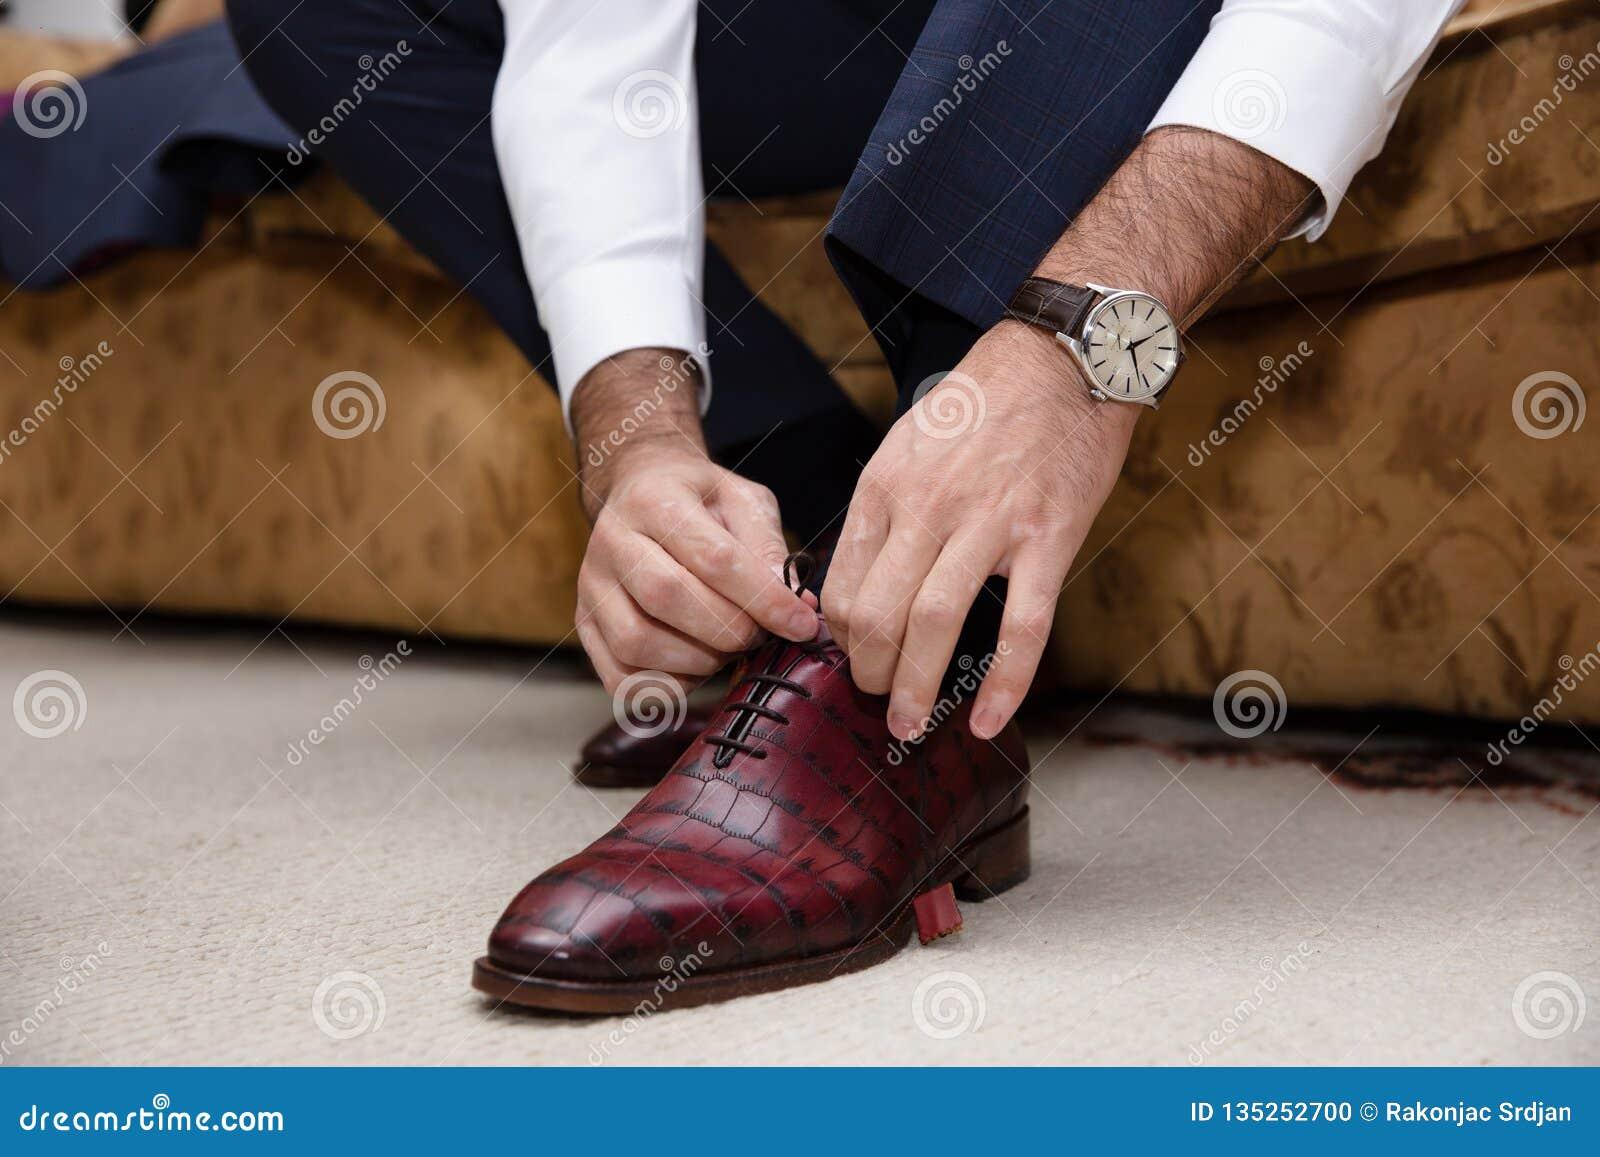 newest 223a2 ab6bc Details of elegant men suit.